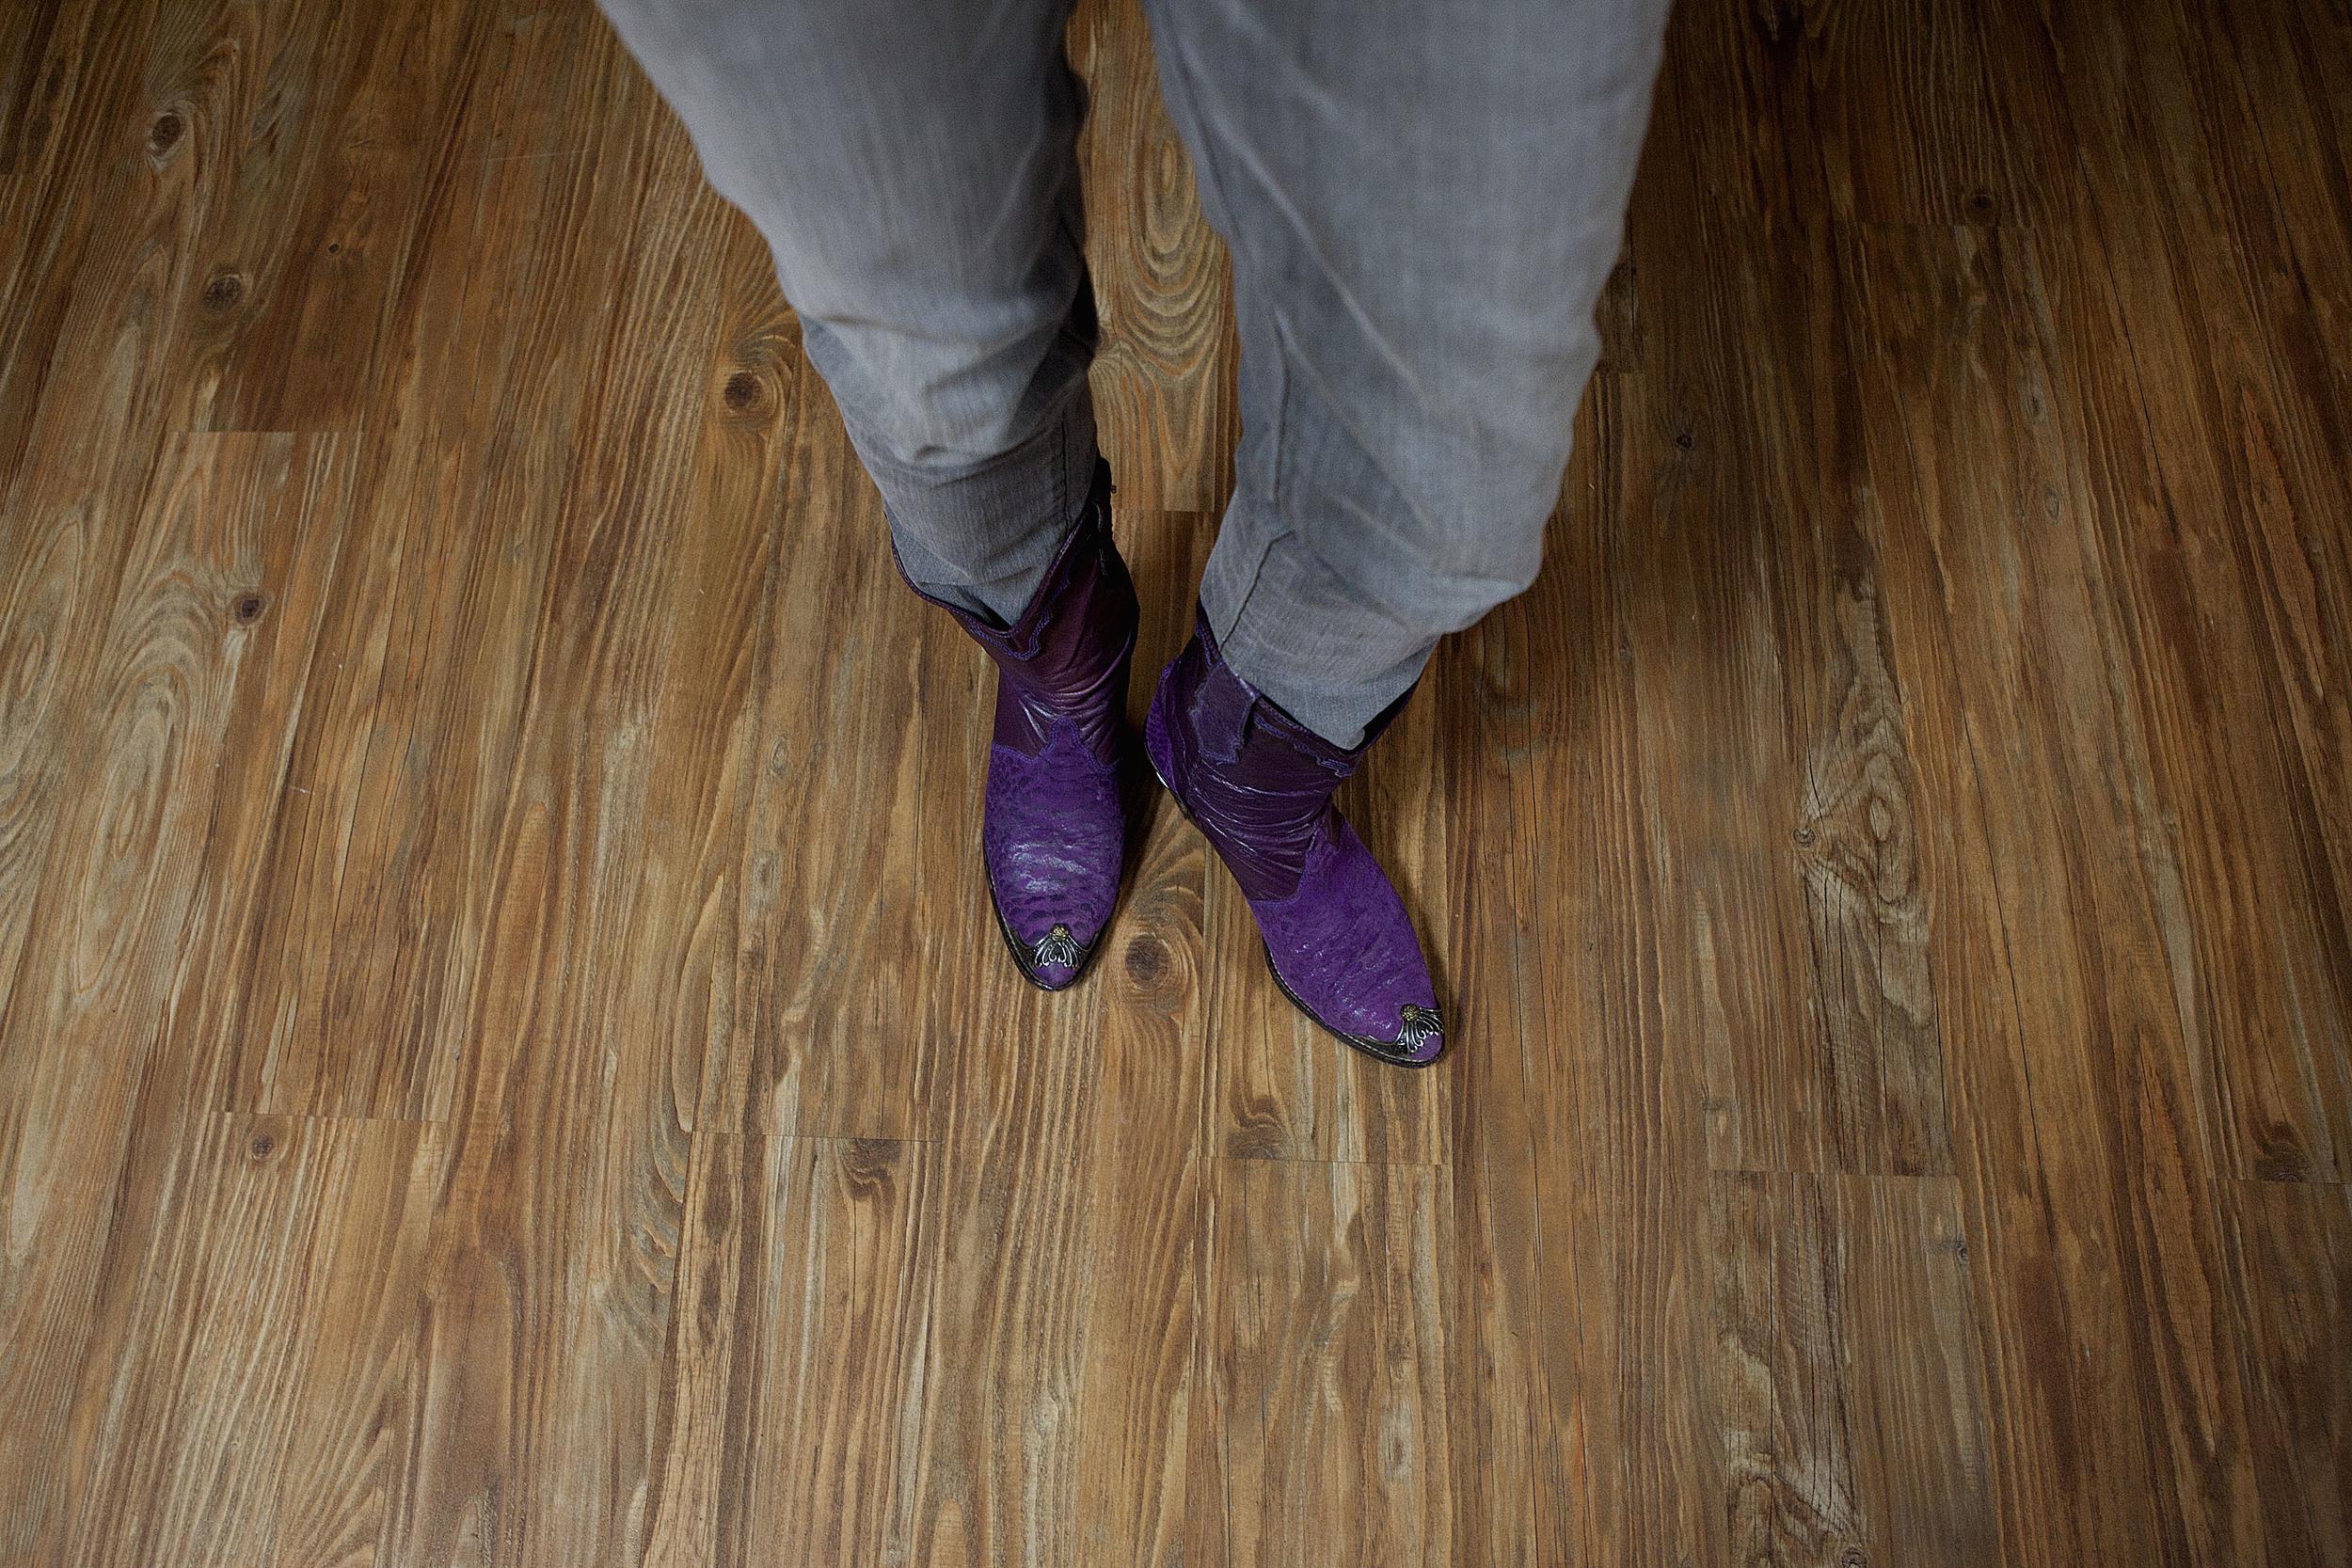 purplebootsweb.jpg